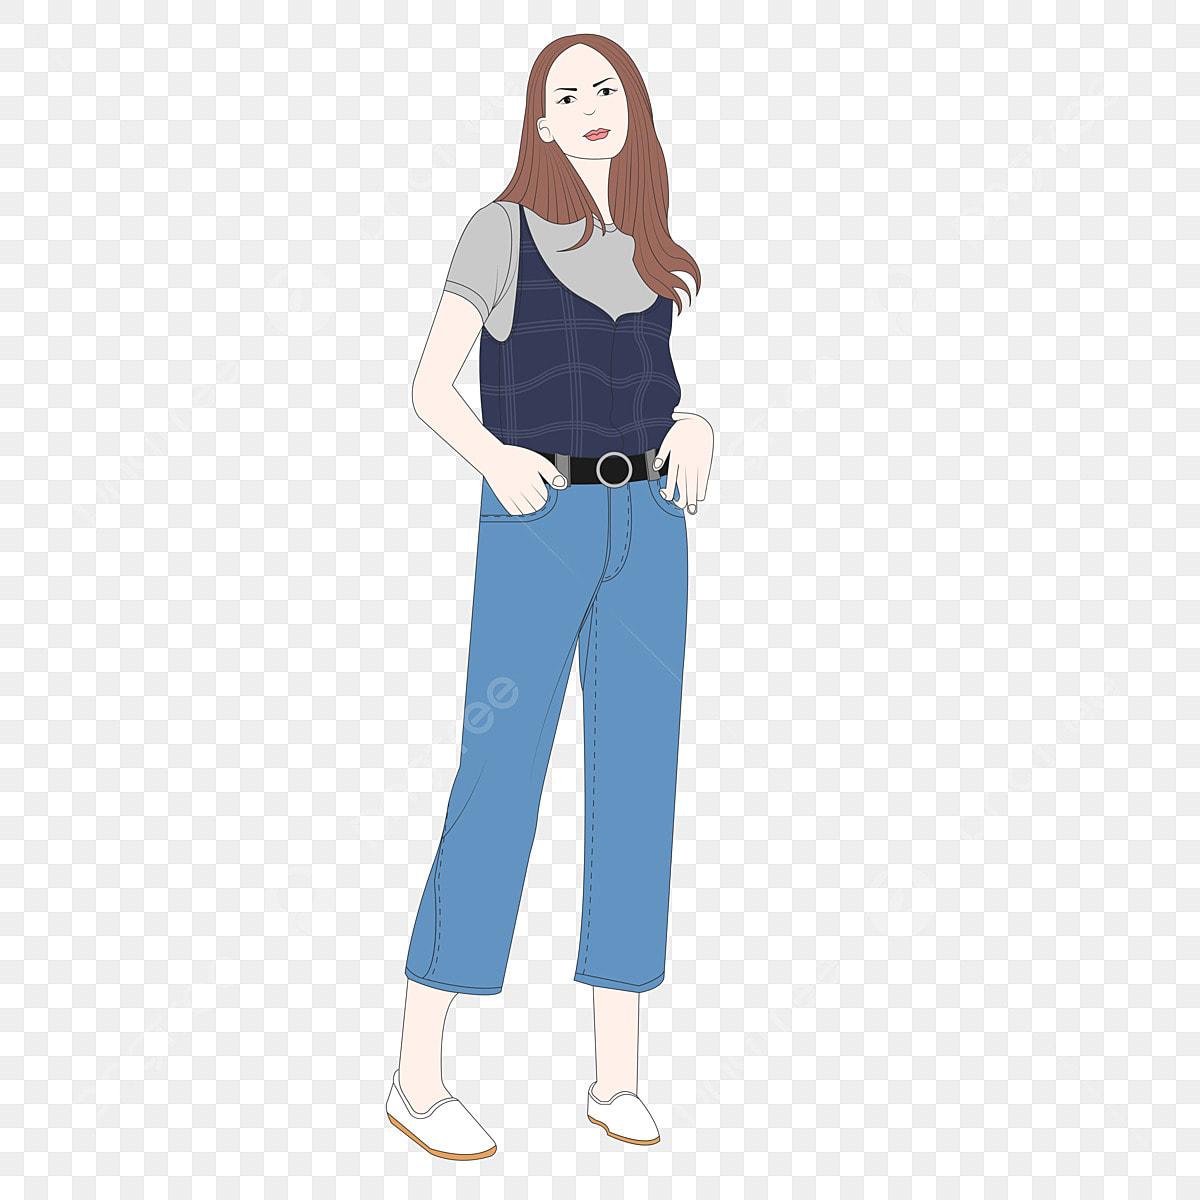 Gambar Memakai Wanita Musim Panas Comel Tulen Kasut Tumit Tinggi Pakai Comel Musim Png Dan Vektor Untuk Muat Turun Percuma